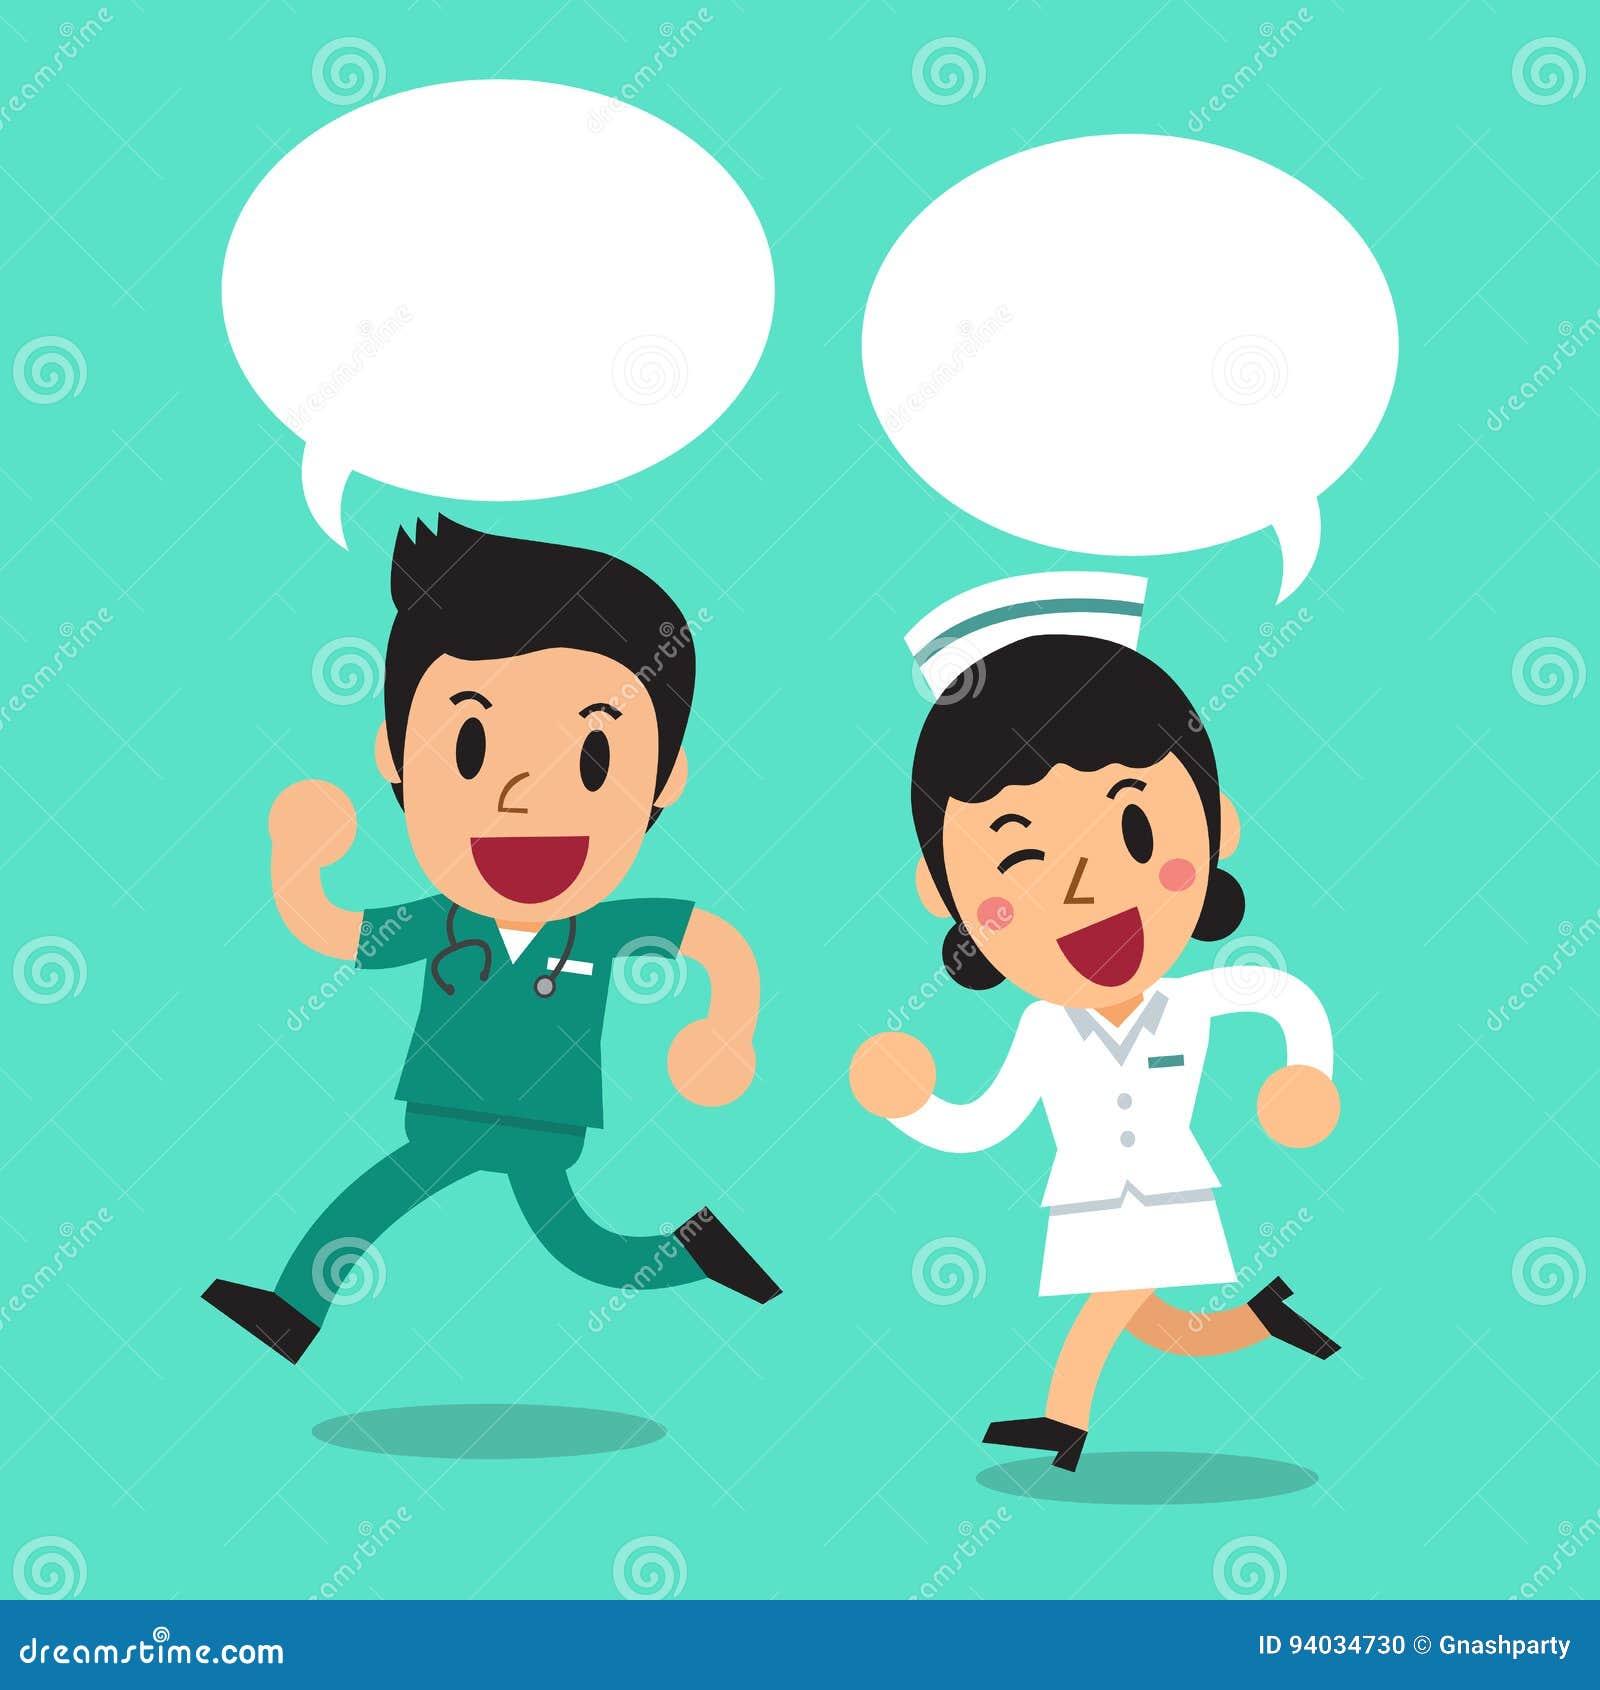 Cartoon Male Nurse And Female Nurse With Speech Bubbles -6320